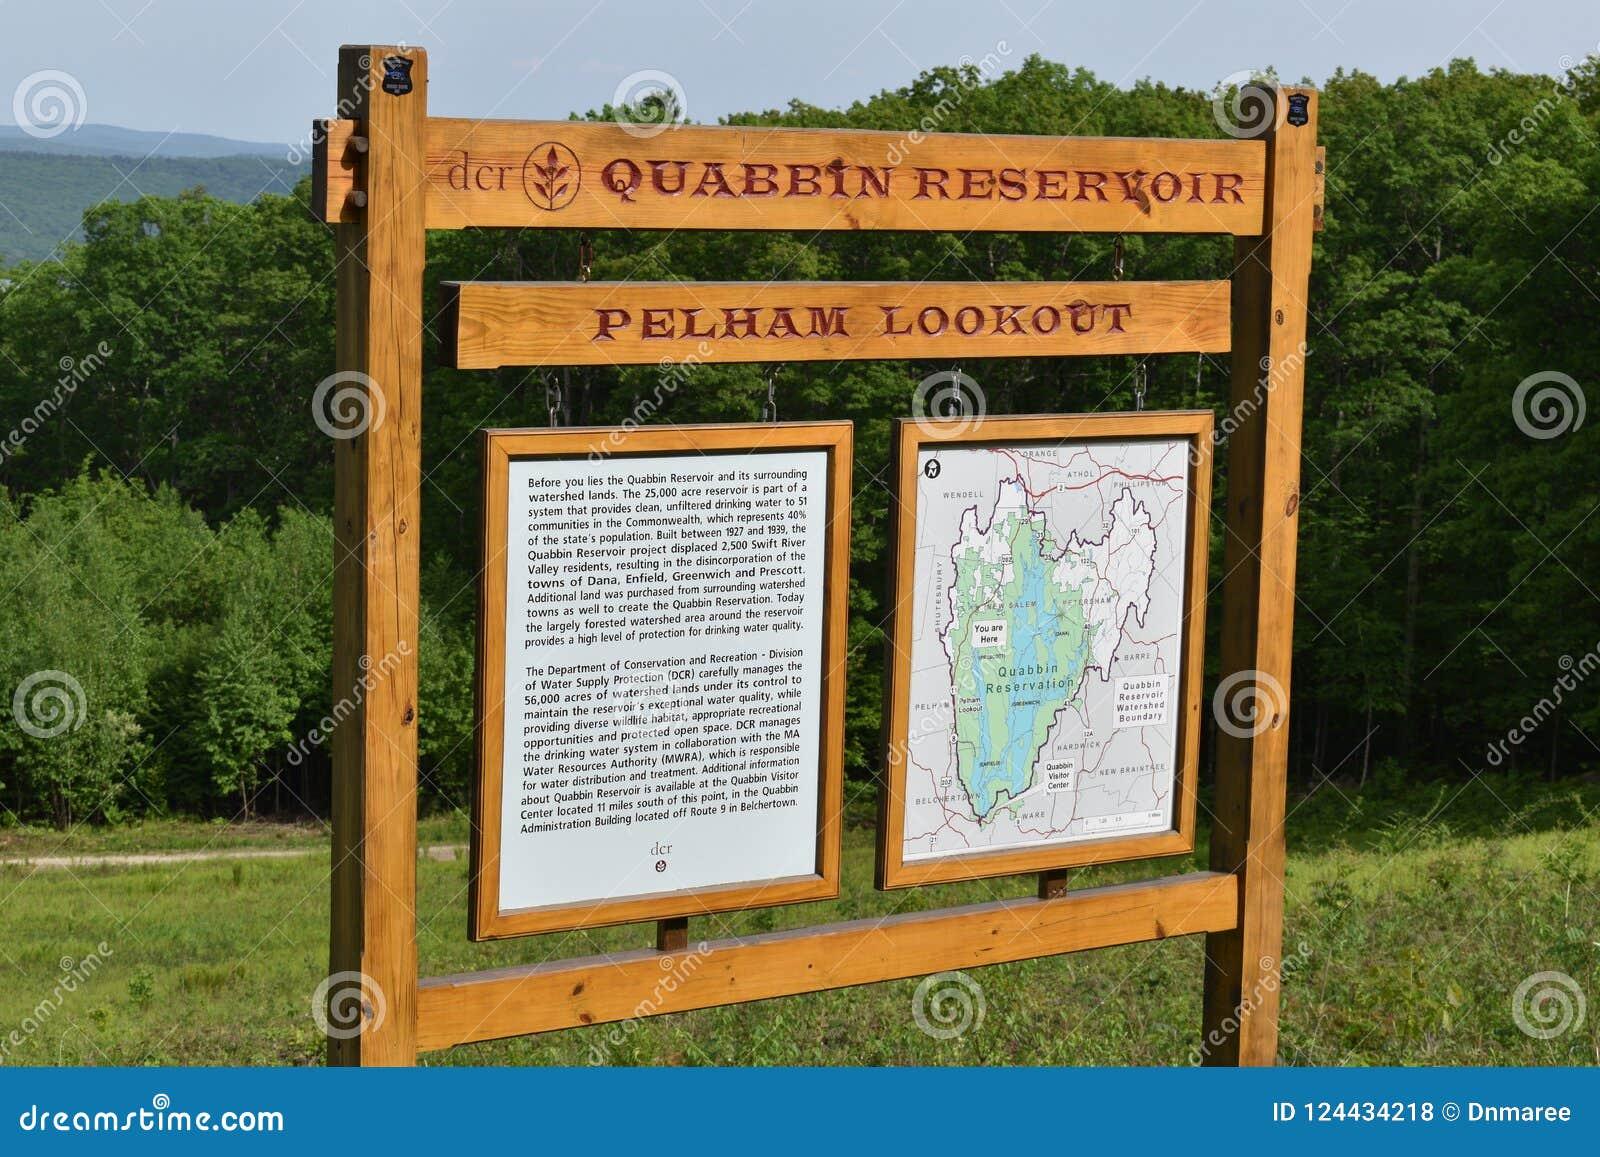 Marco decisivo do reservatório de Quabbin, região rápida de Quabbin River Valley de Massachusetts, Estados Unidos, E.U.,